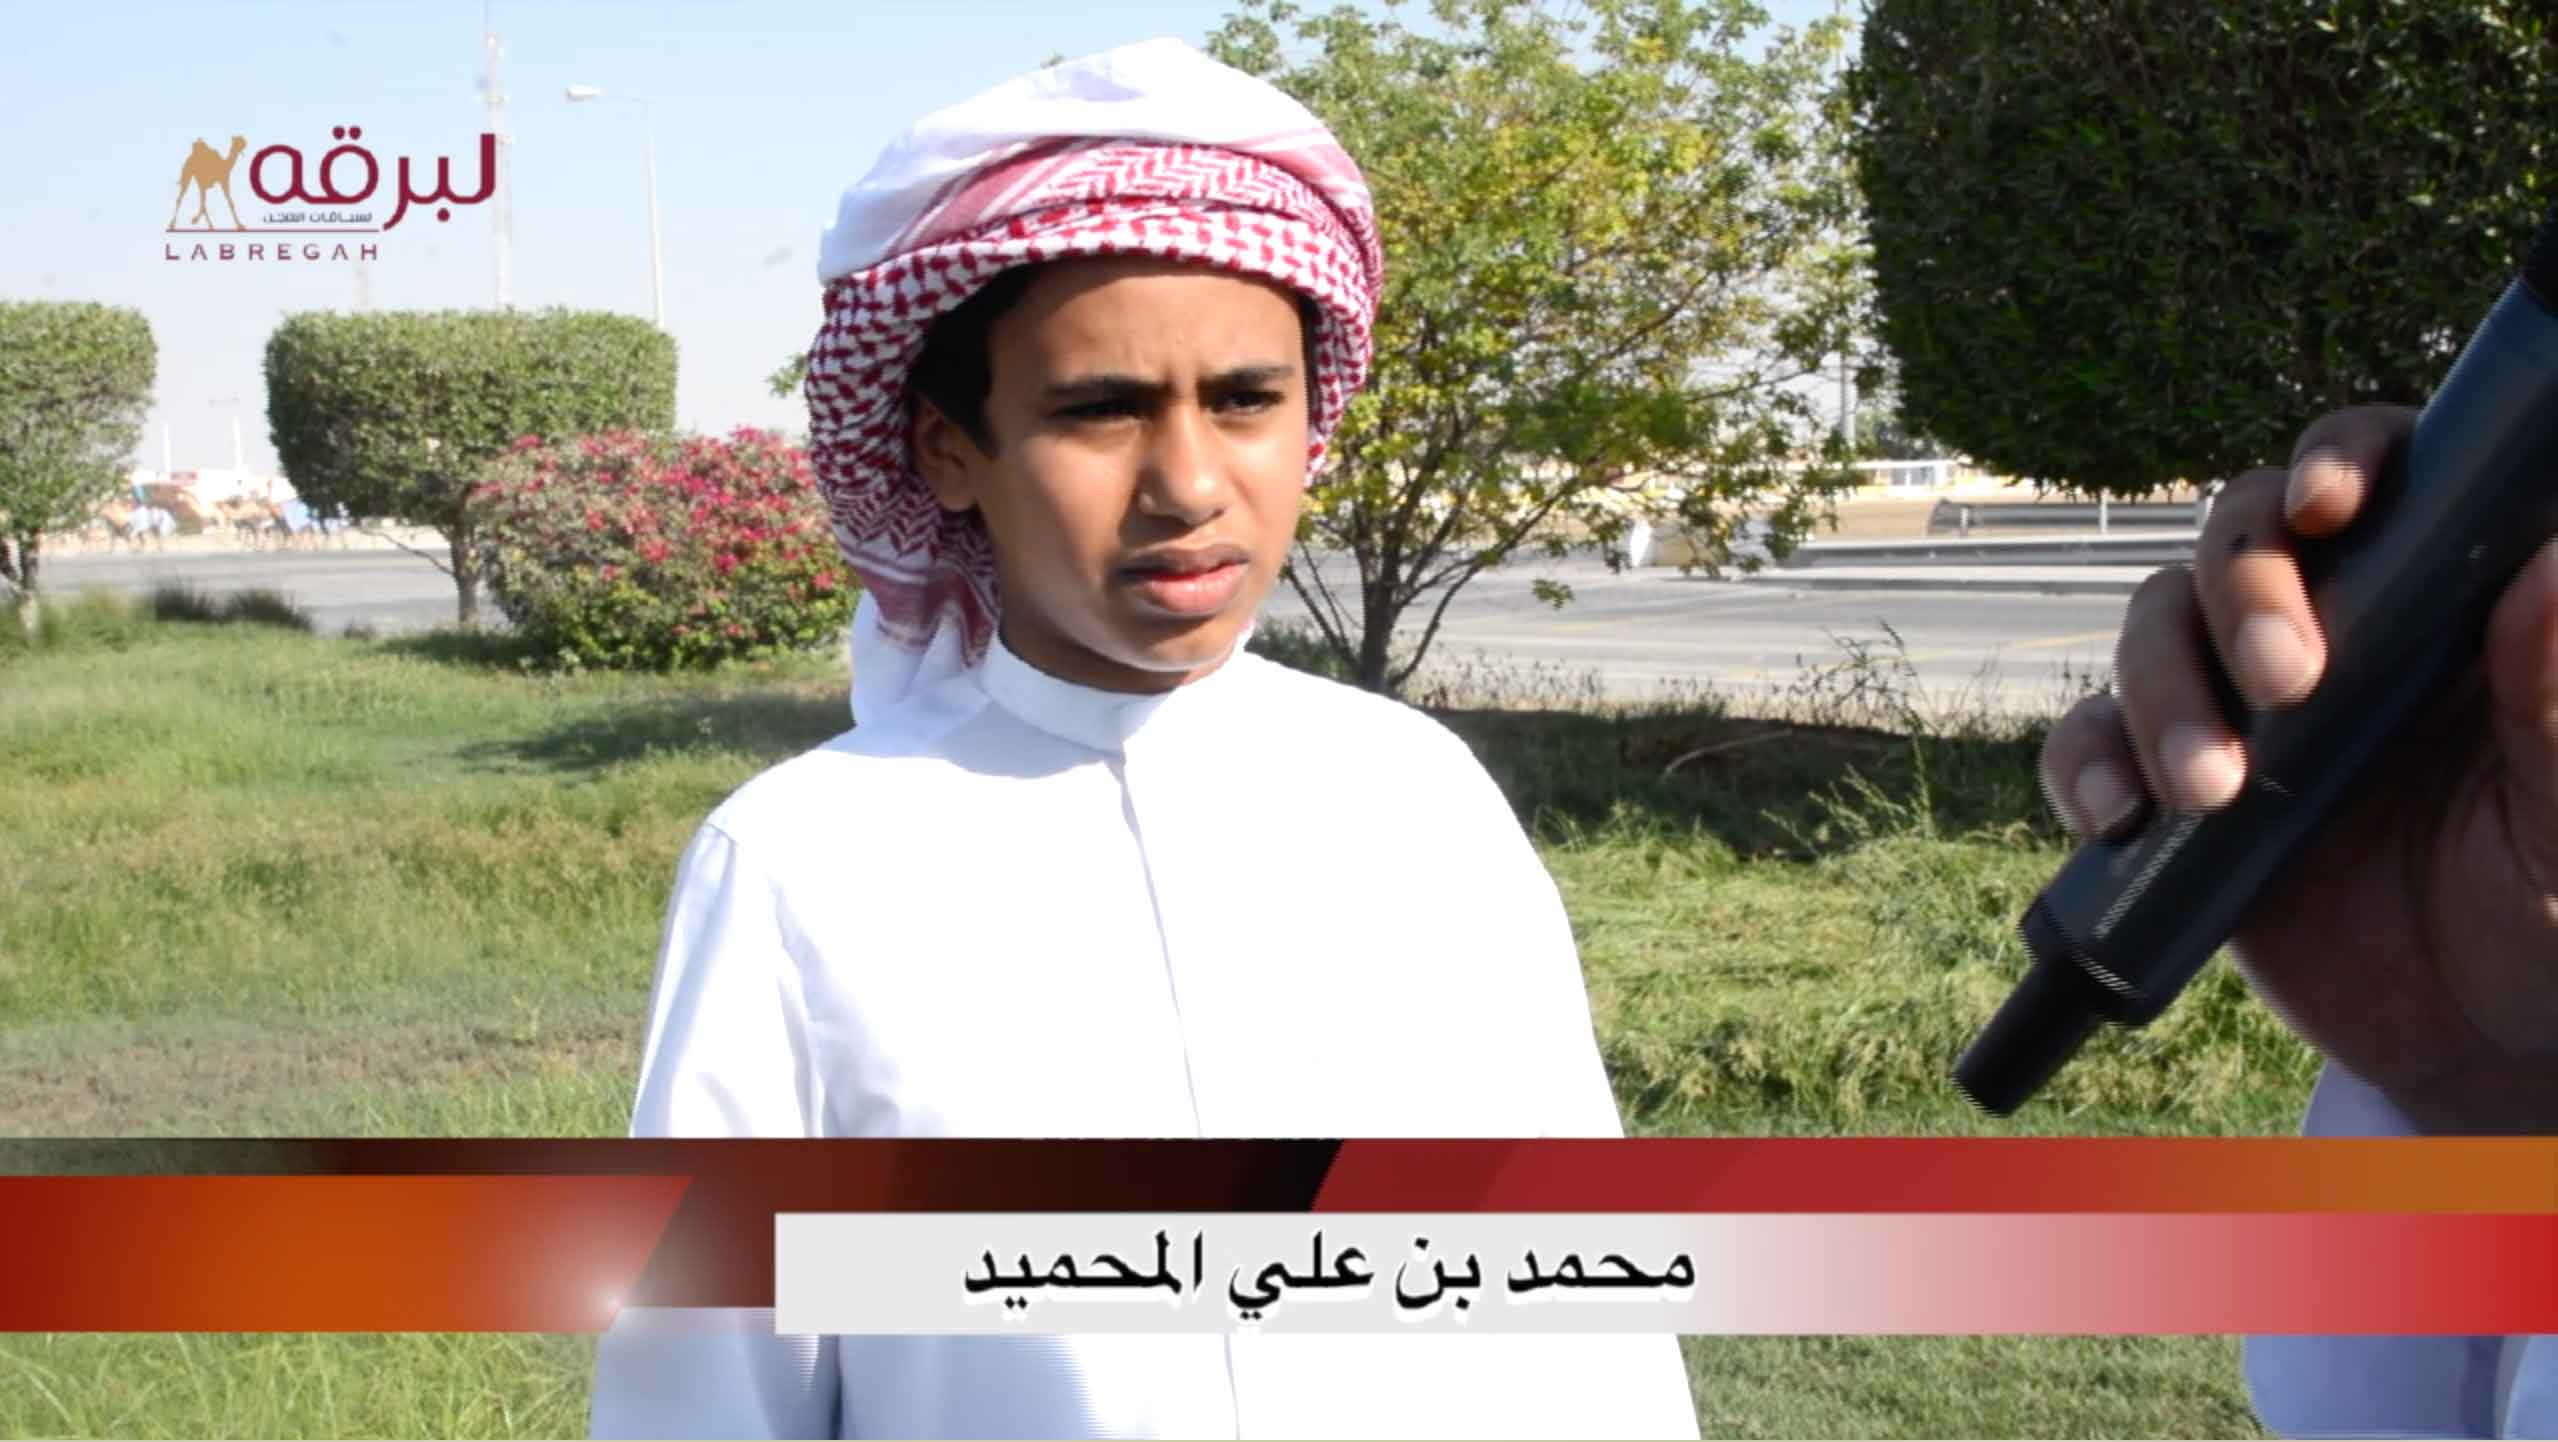 لقاء مع محمد بن علي المحميد.. الشوط الرئيسي للزمول إنتاج الأشواط العامة  ١٥-١٠-٢٠٢٠